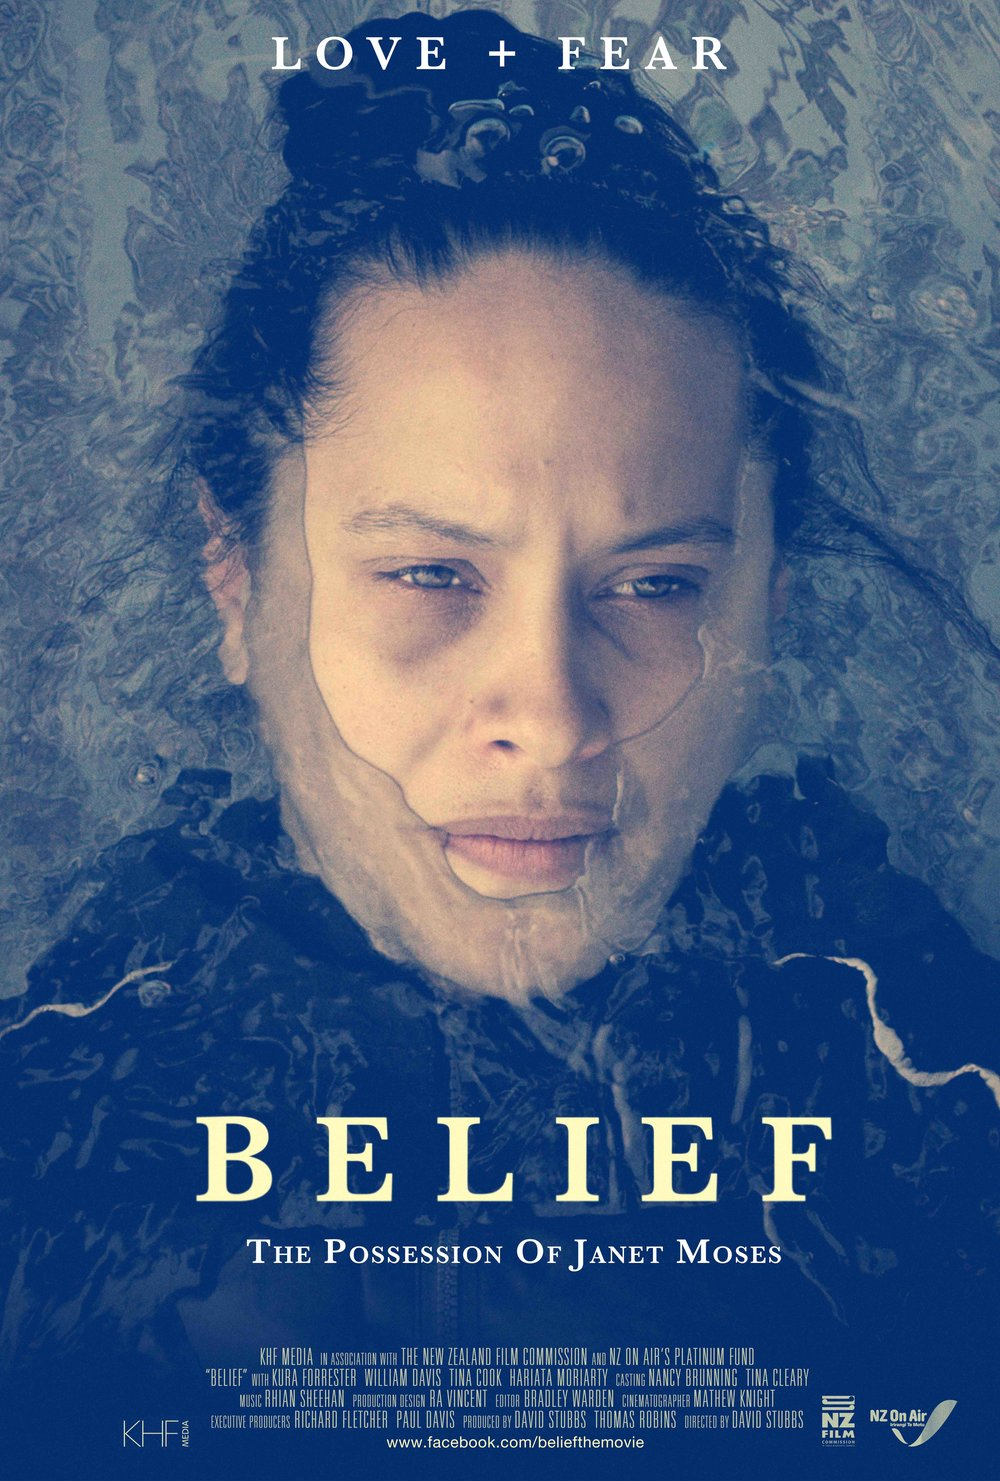 LIbertine Pictures - Belief - poster.jpg